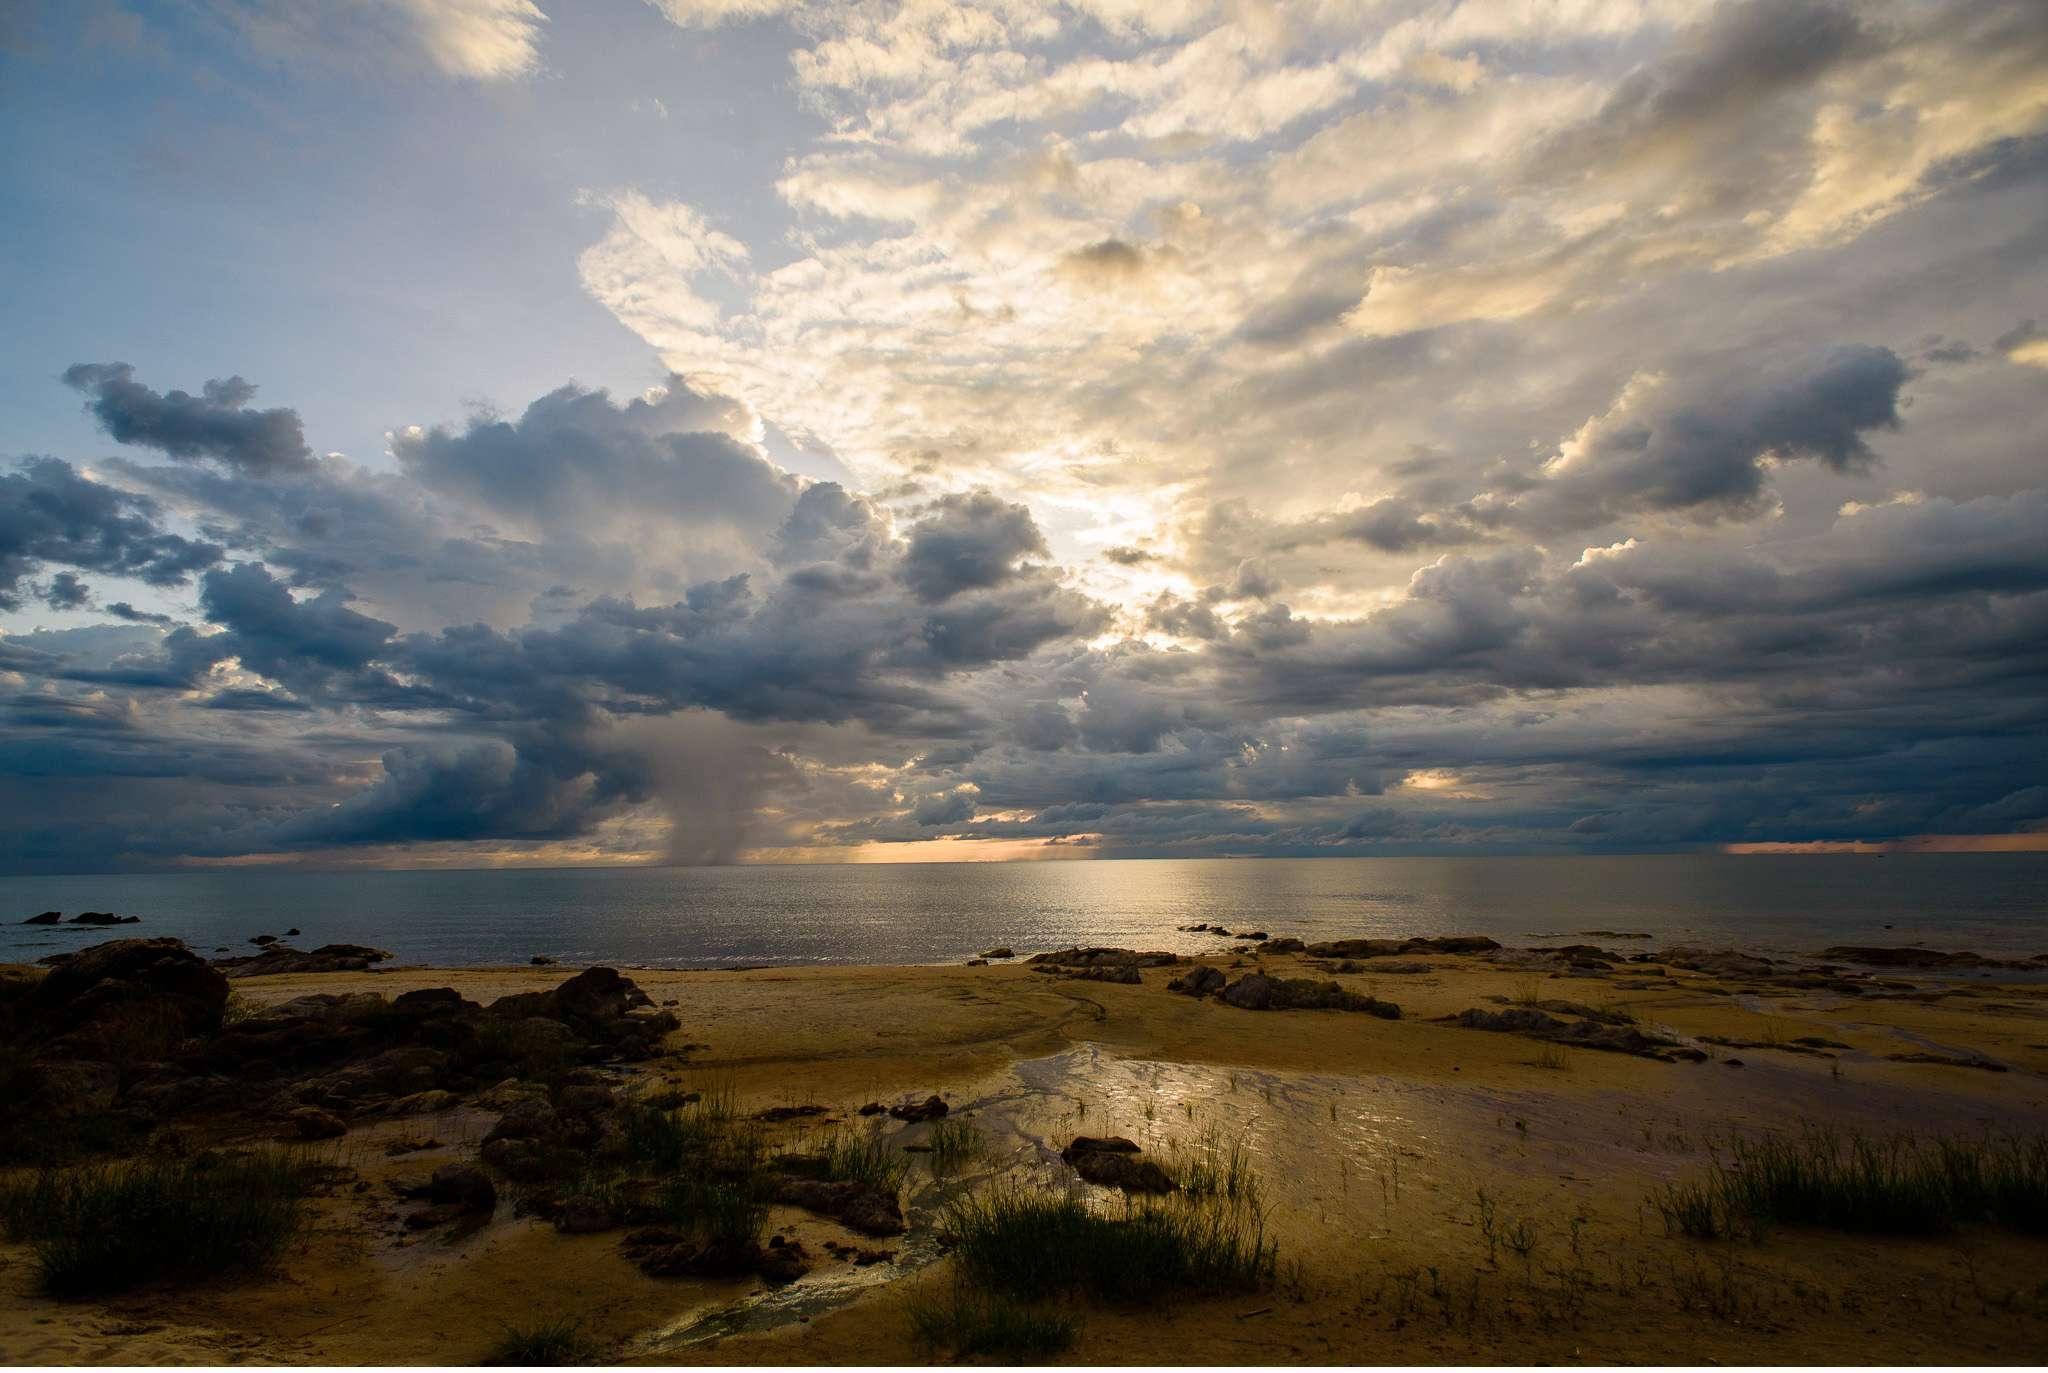 Malawi-Quer durch Afrika- Geschichten von unterwegs by Marion and Daniel-74